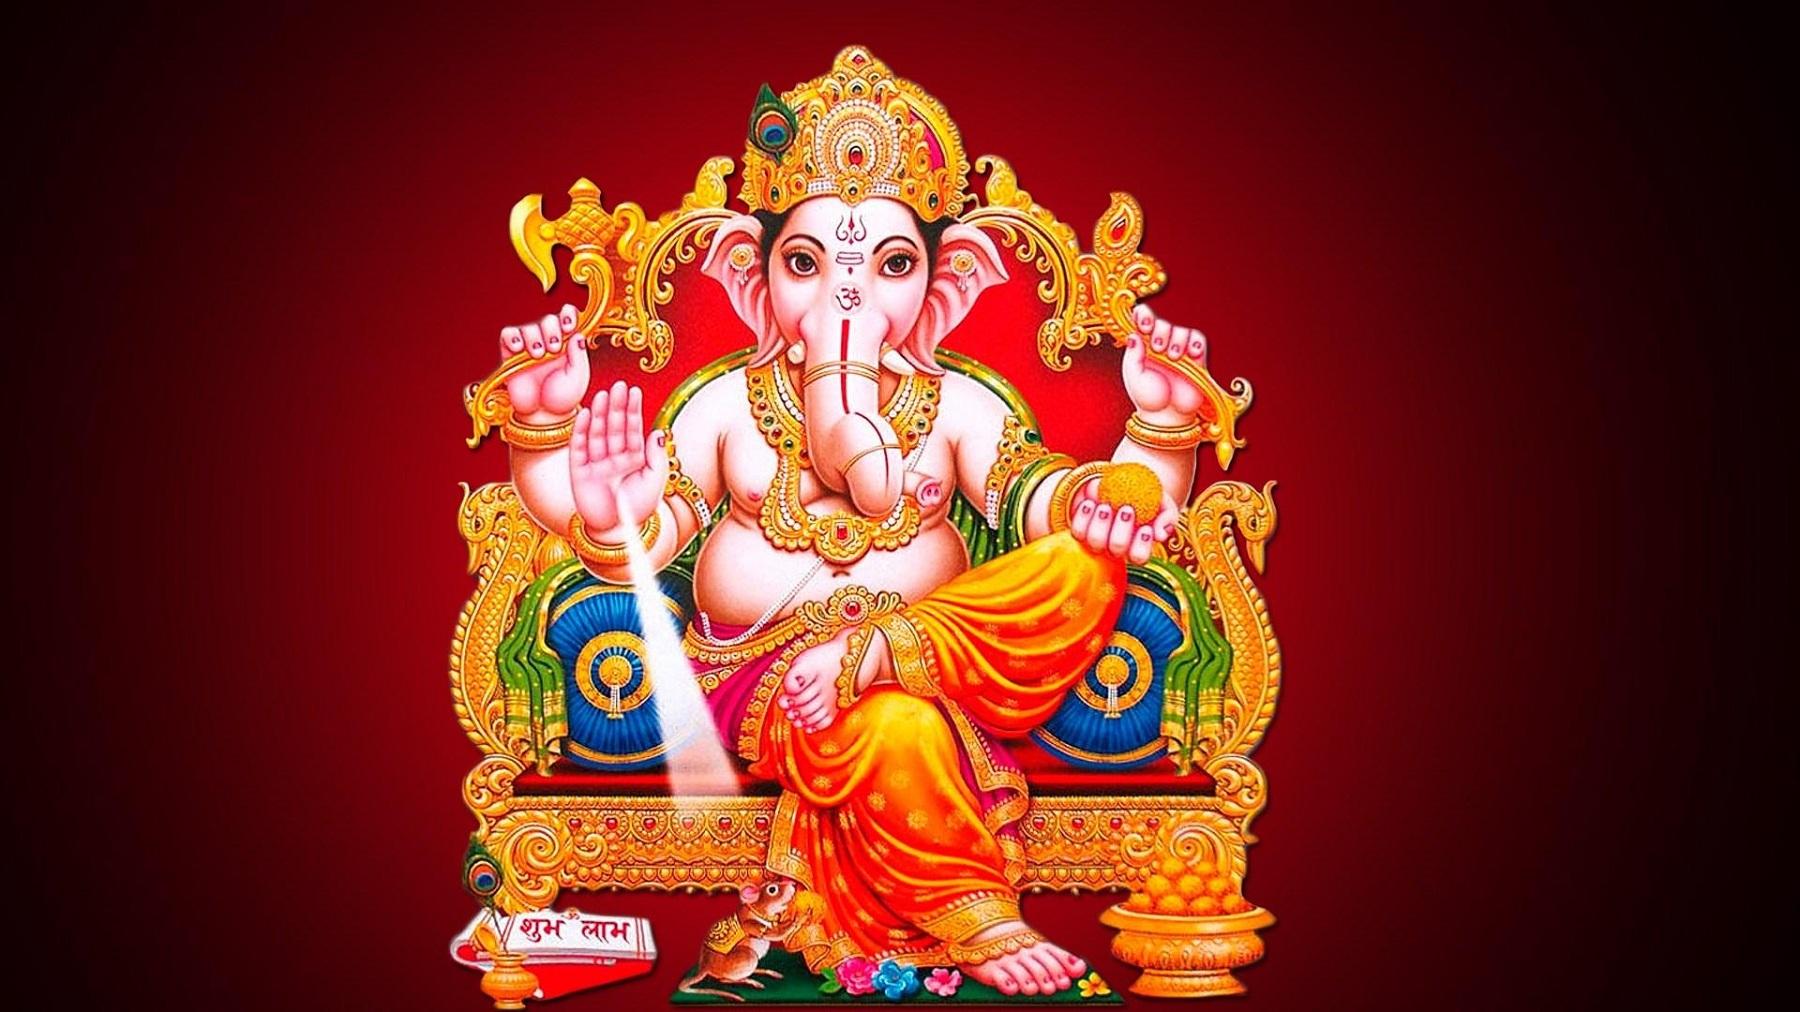 Download - Ganesh Chaturthi Wallpapers_5